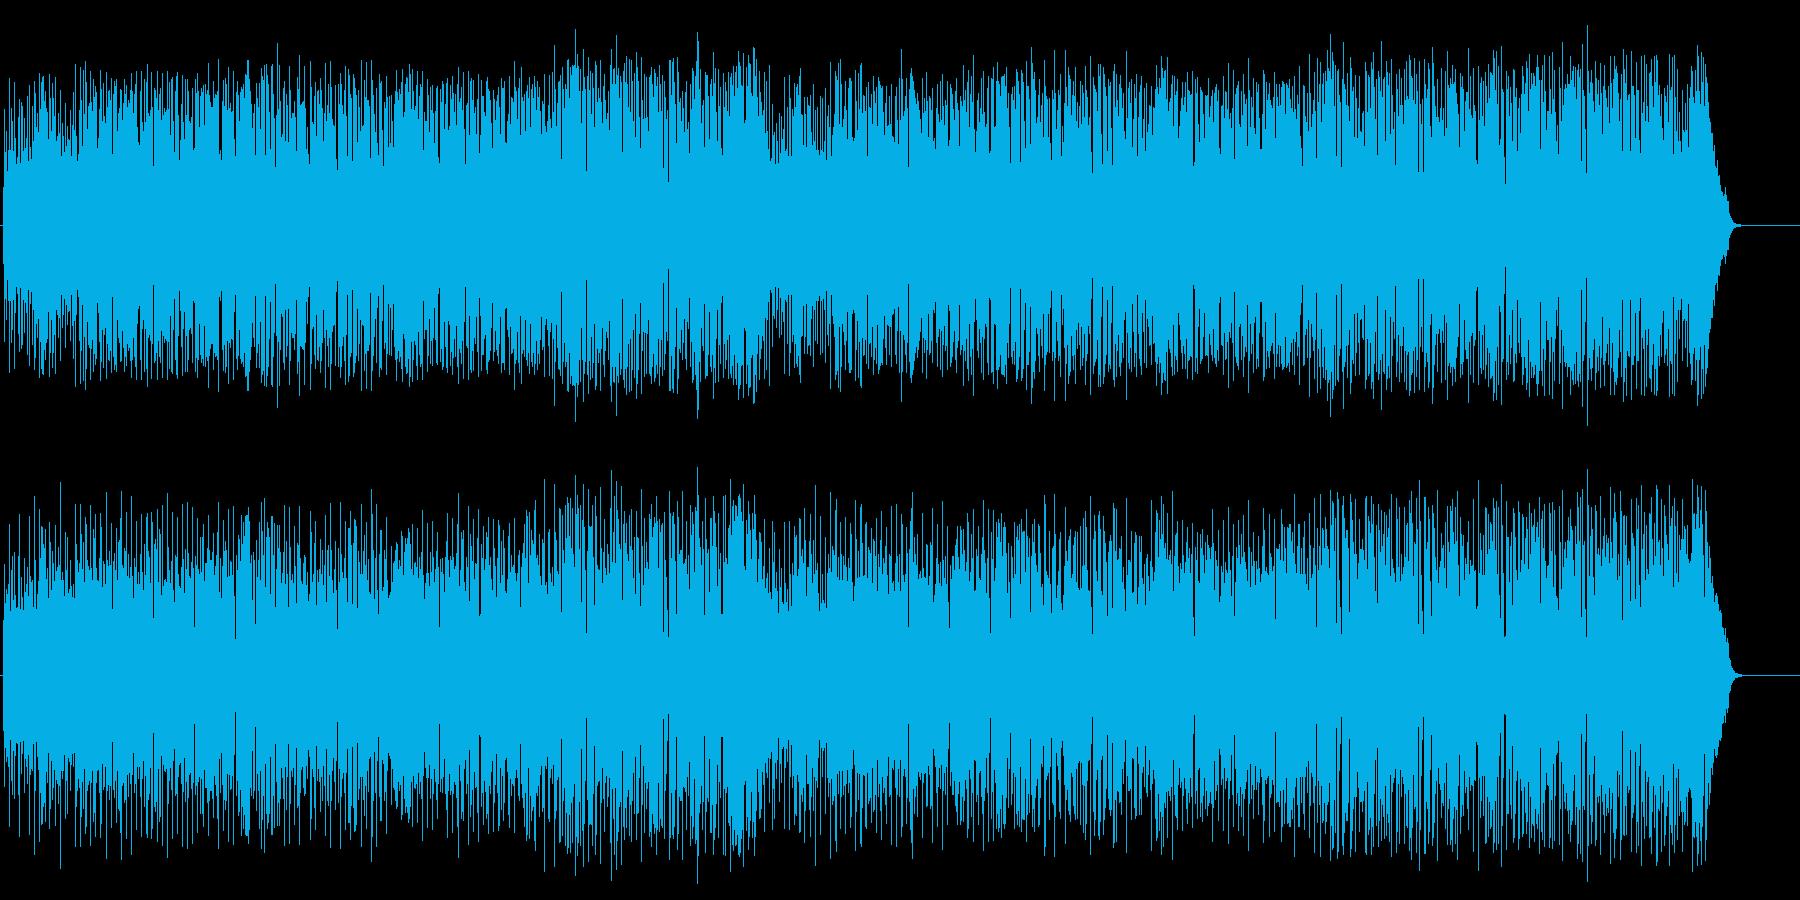 青空の似合う軽快なフュージョンの再生済みの波形